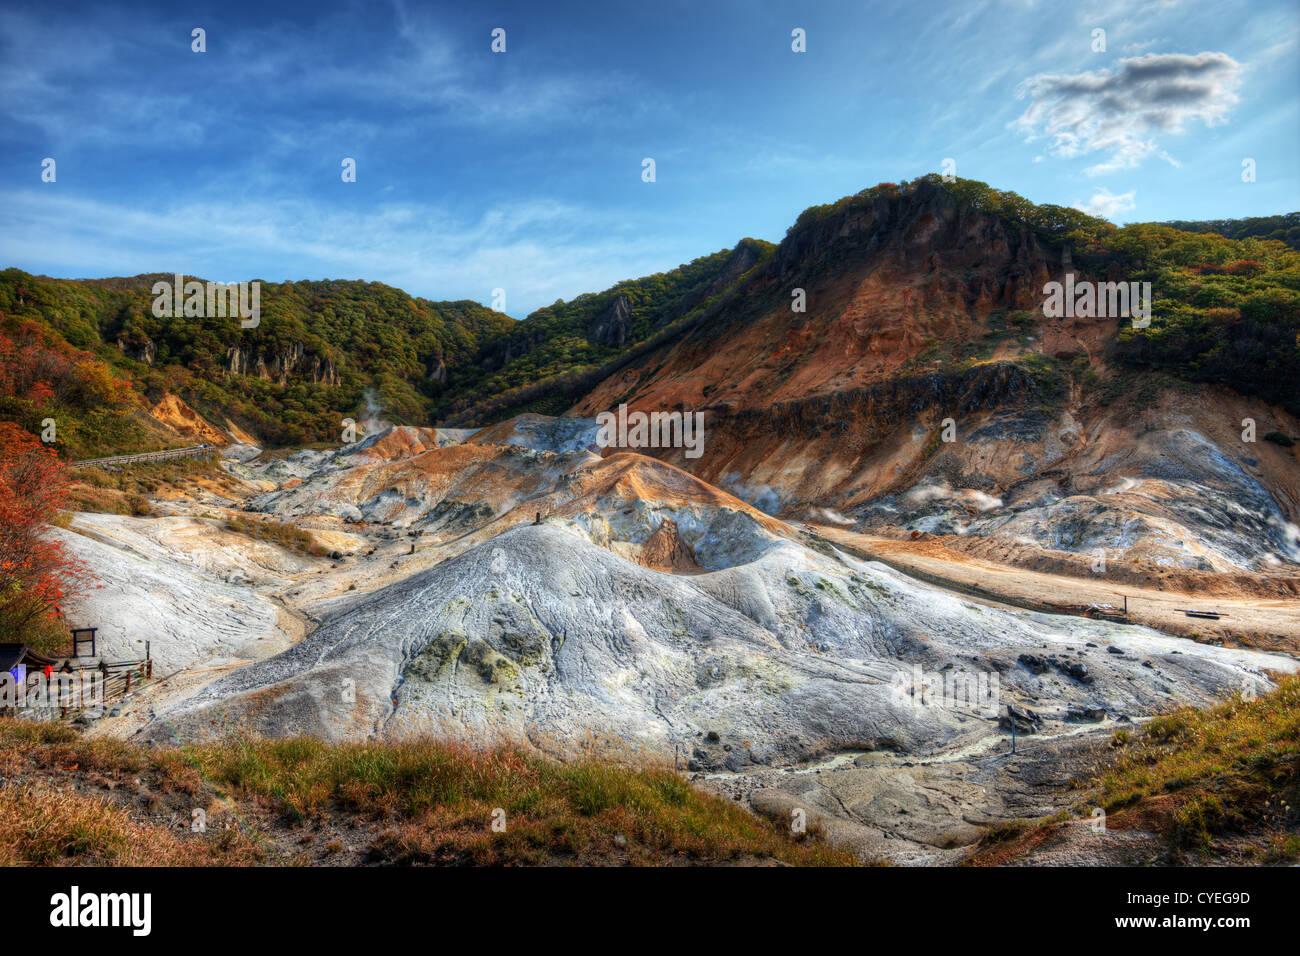 Hell Valley (Jigokudani) in Noboribetsu, Hokkaido, Japan - Stock Image